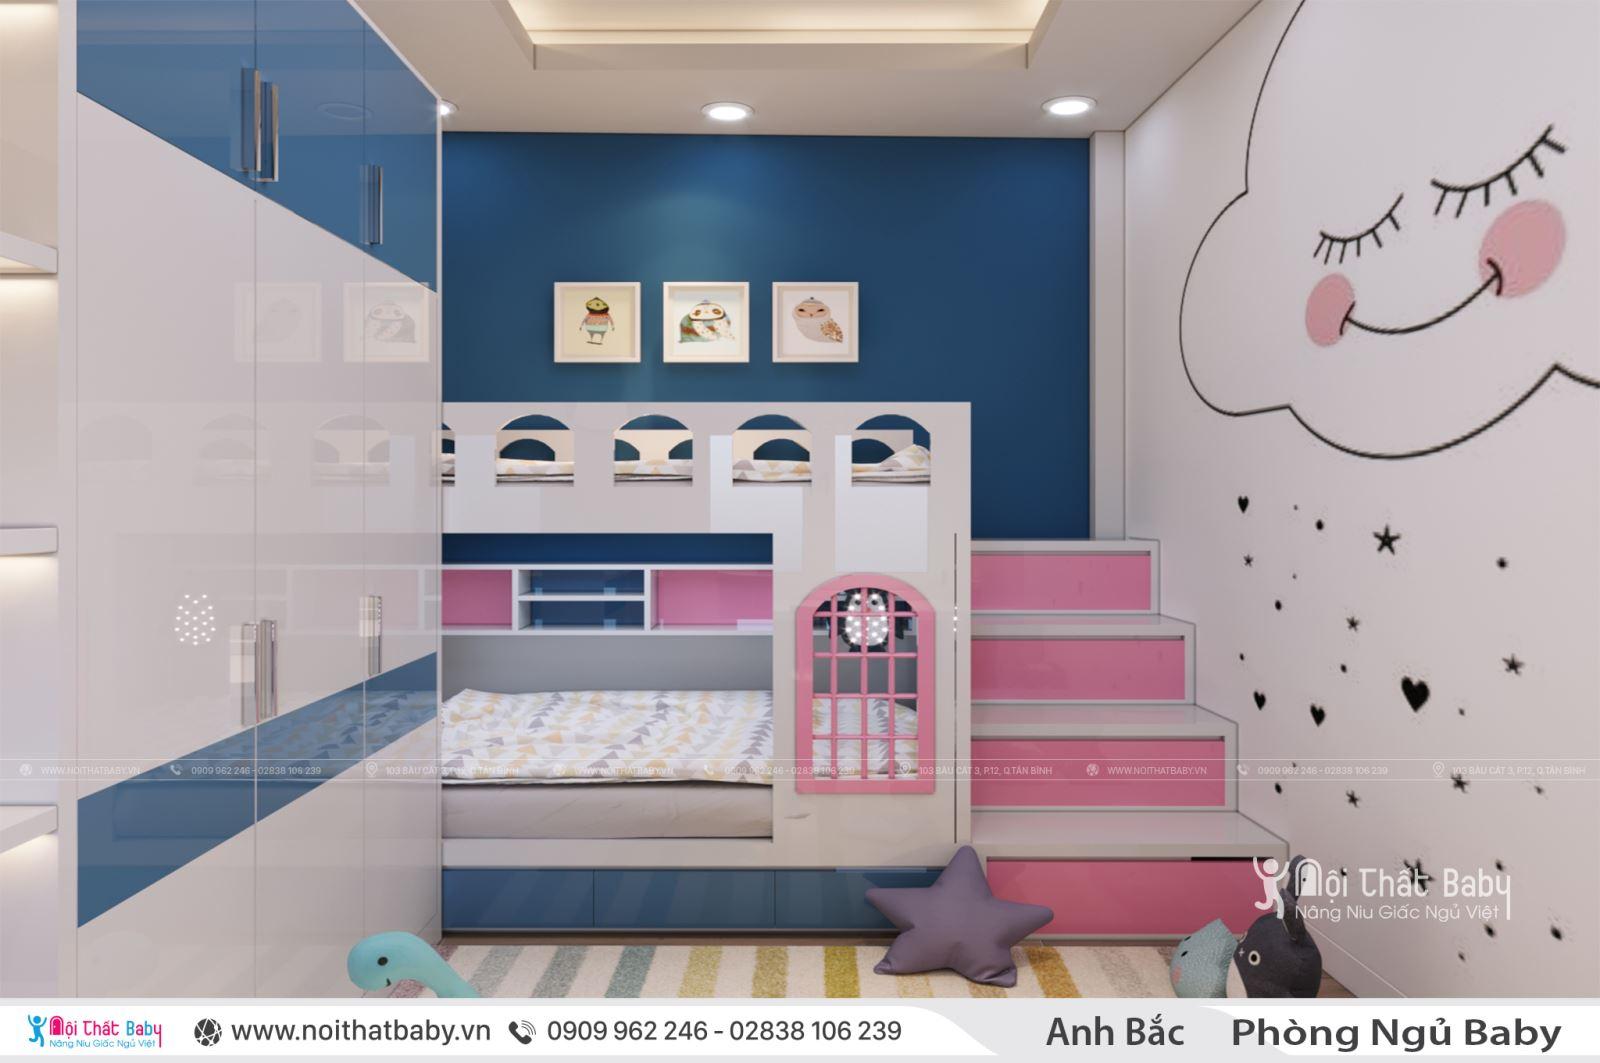 Những mẫu giường ngủ trẻ em màu hồng dễ thương